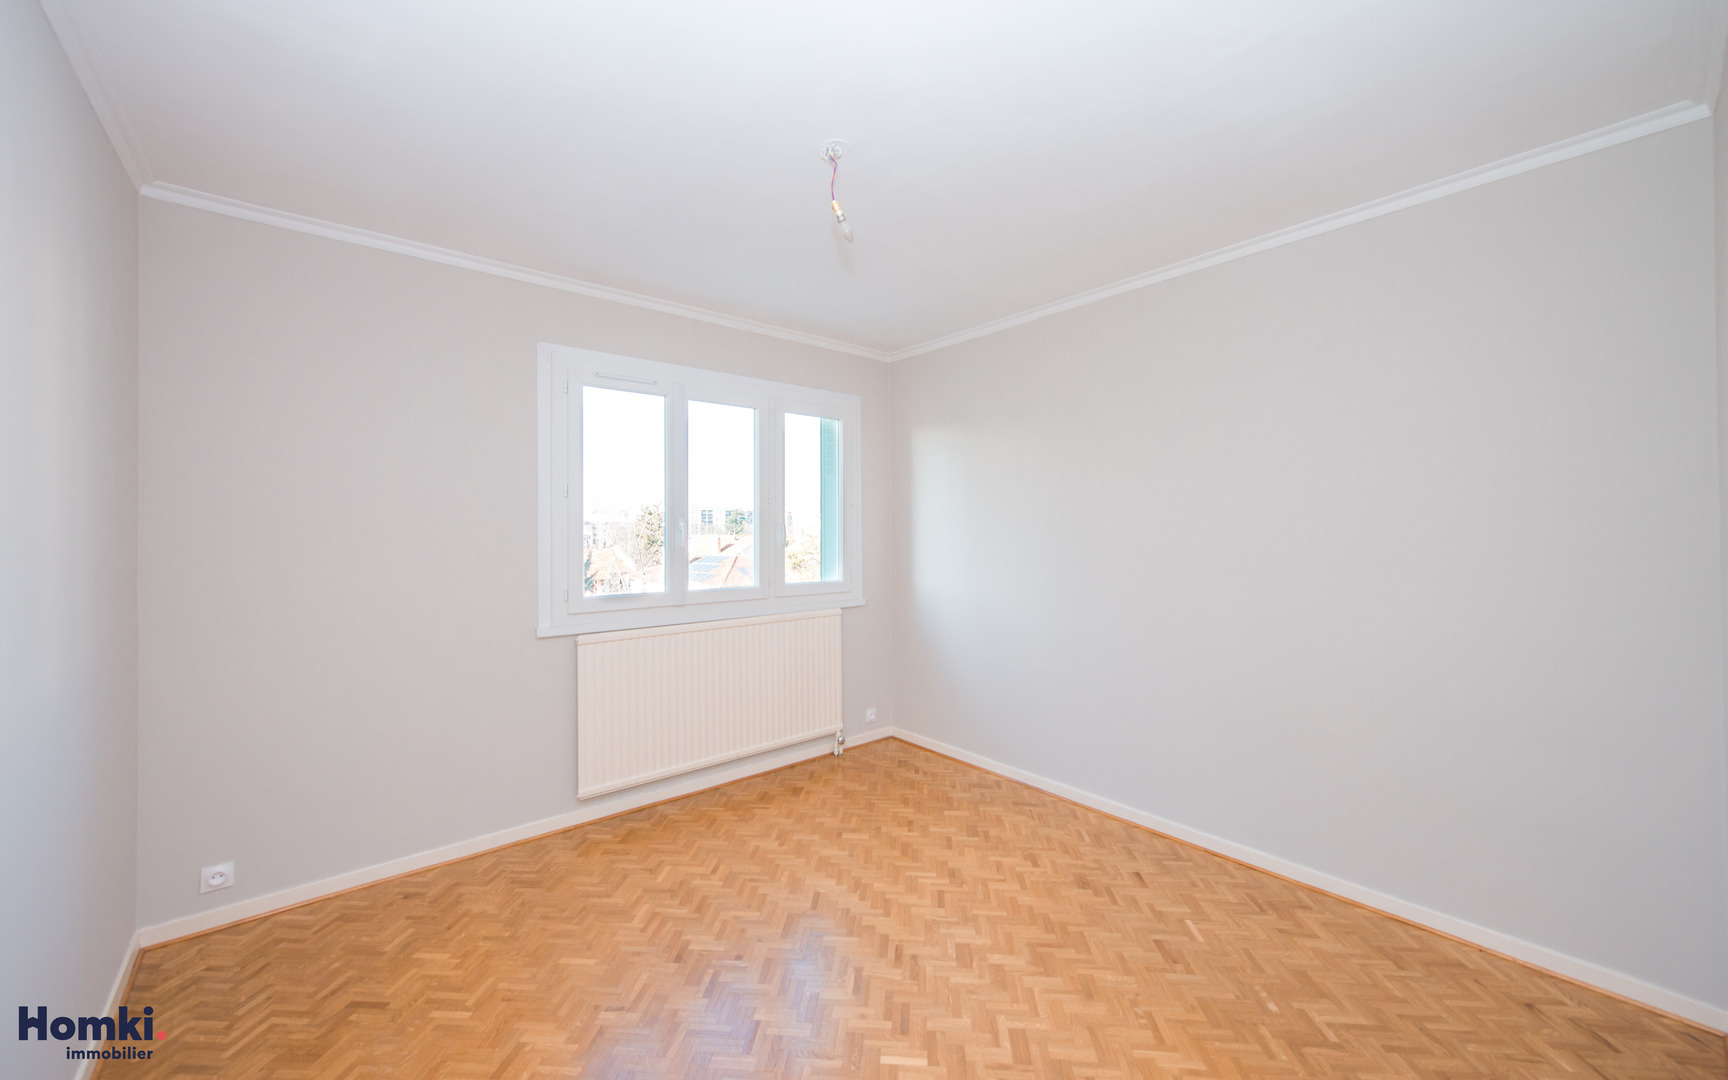 Appartement I 82m² I T3 I 69008 _9